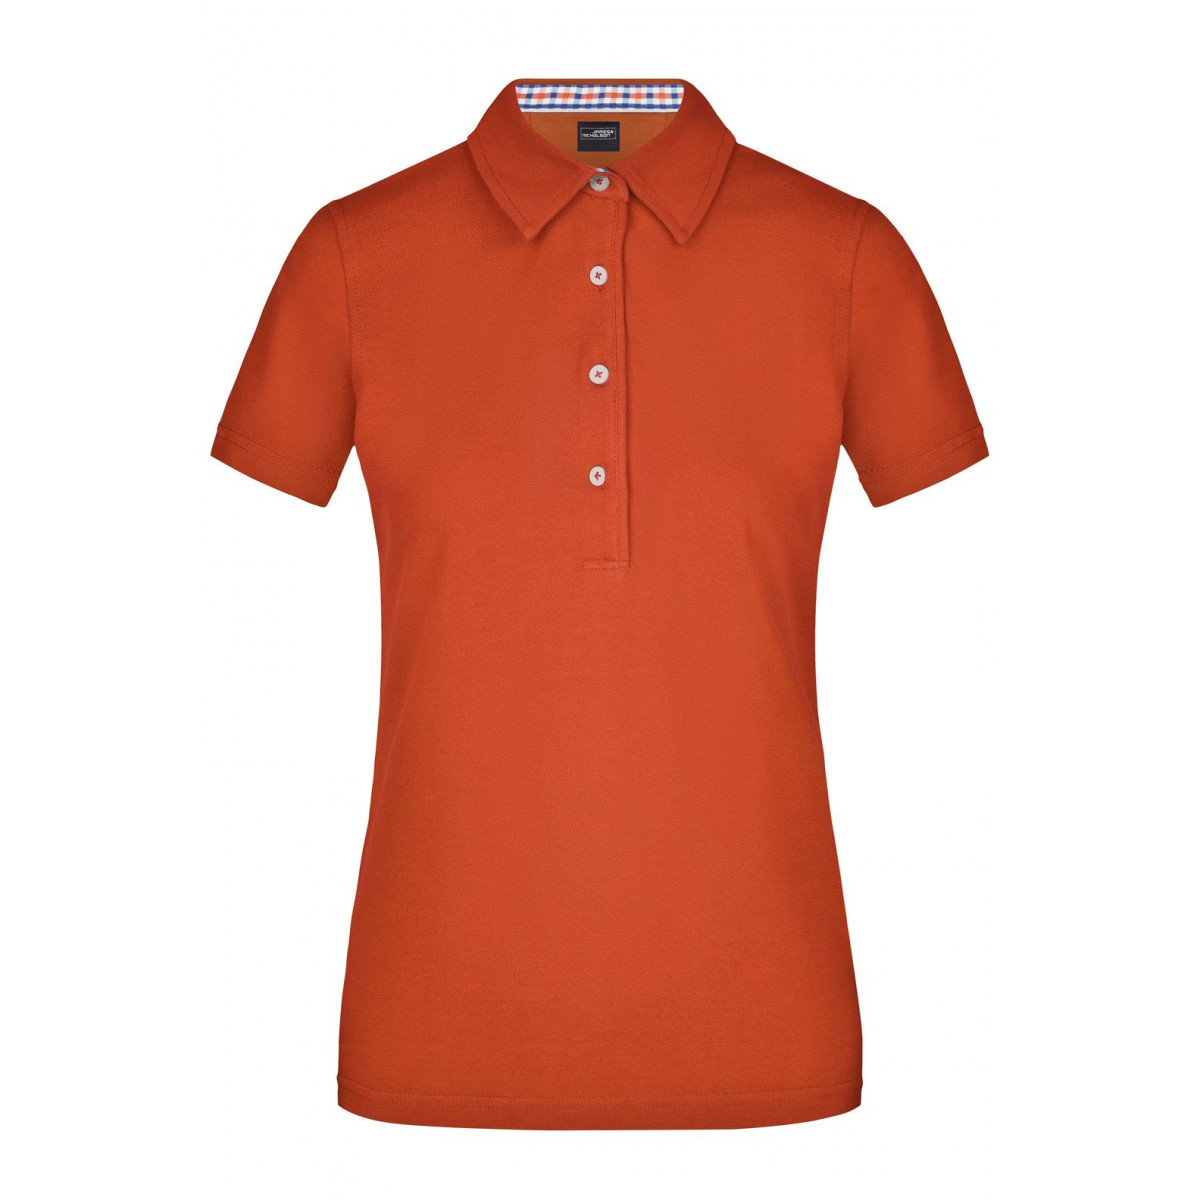 Рубашка поло женская JN969 Ladies Plain Polo - Темно-оранжевый/Синий-Оранжевый-Белый